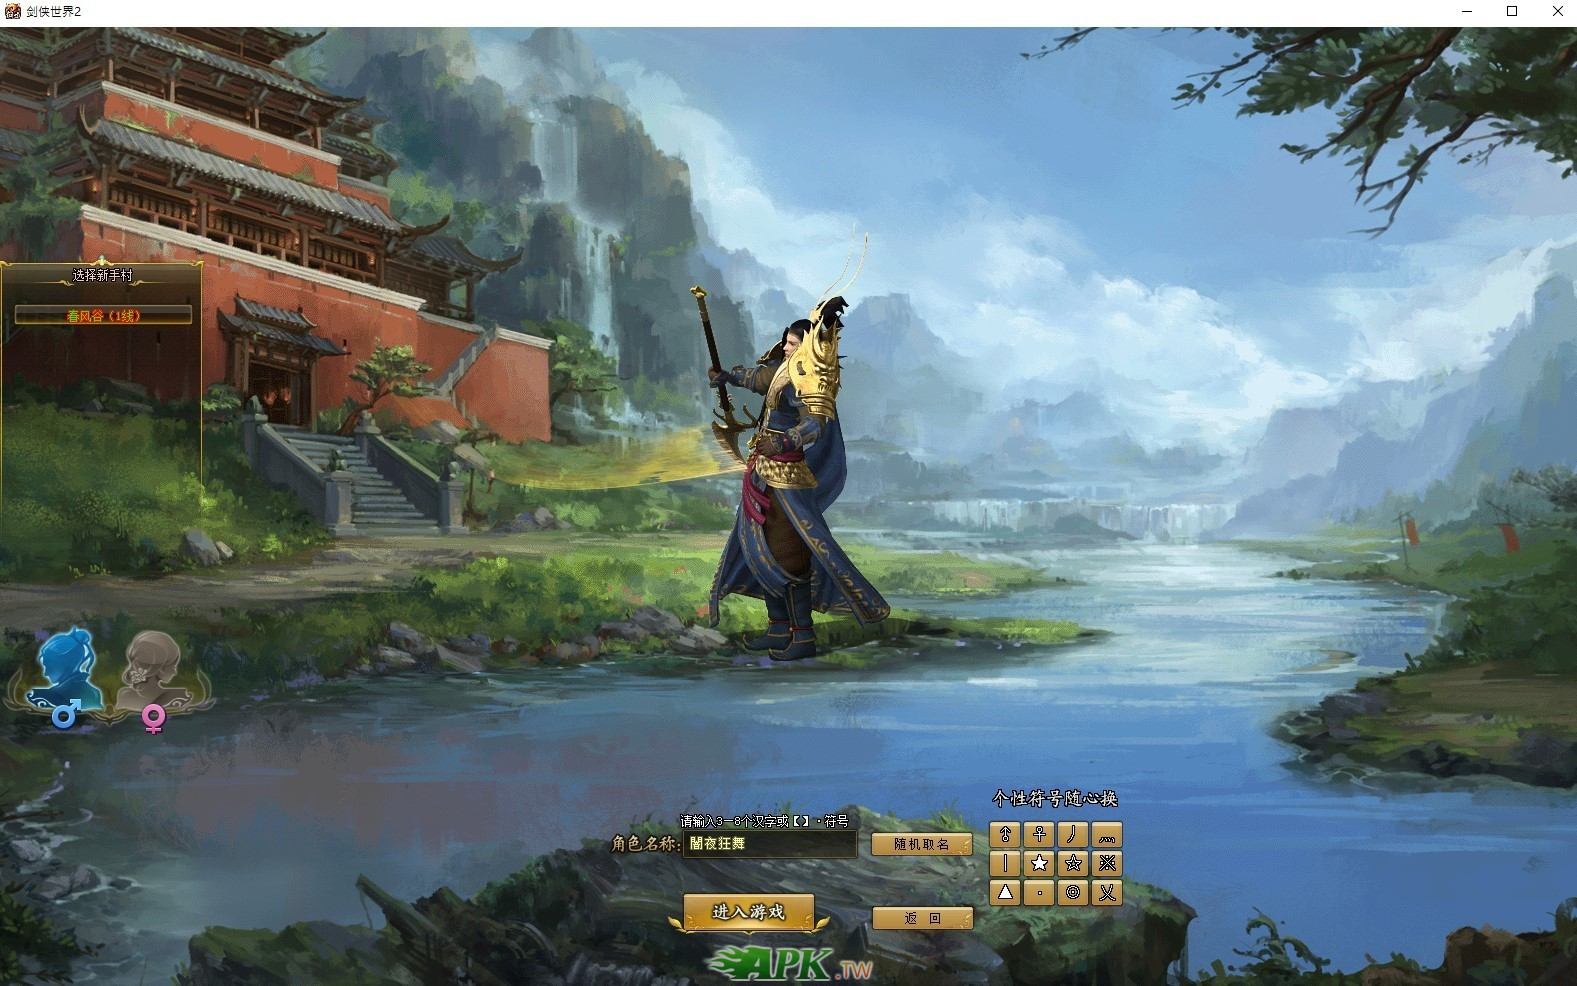 劍俠世界1.jpg